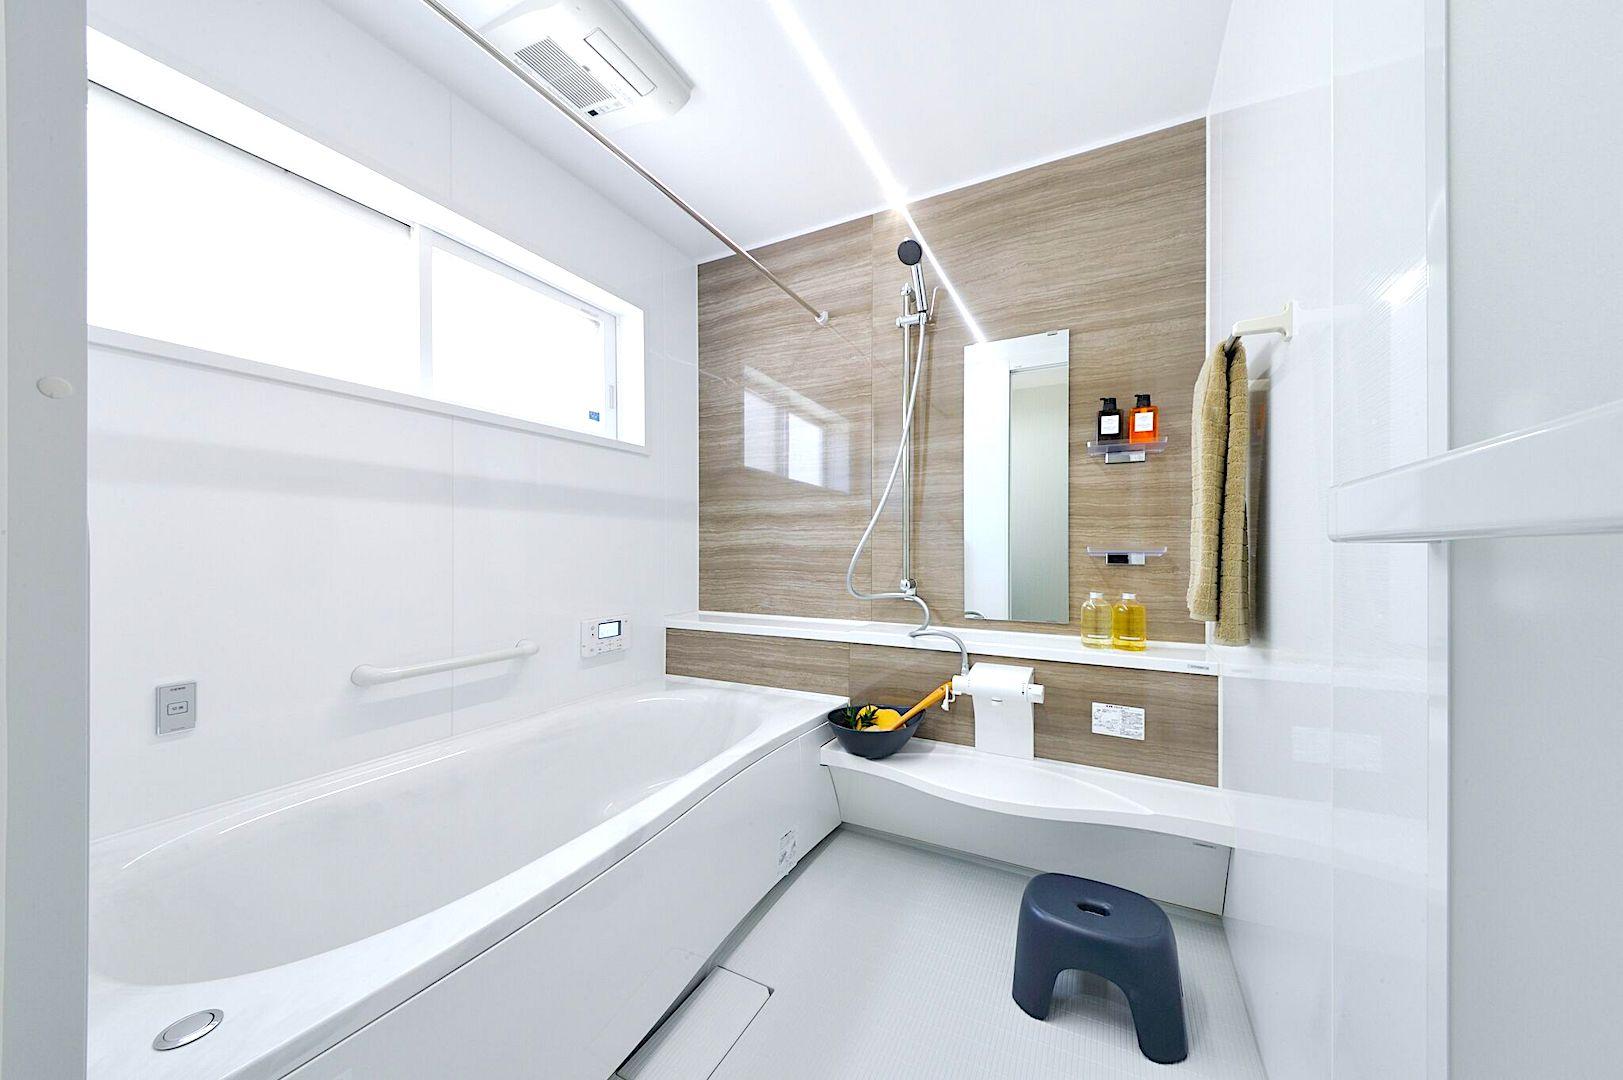 【年中大活躍の「浴室乾燥機」が向いているご家庭とは…?】